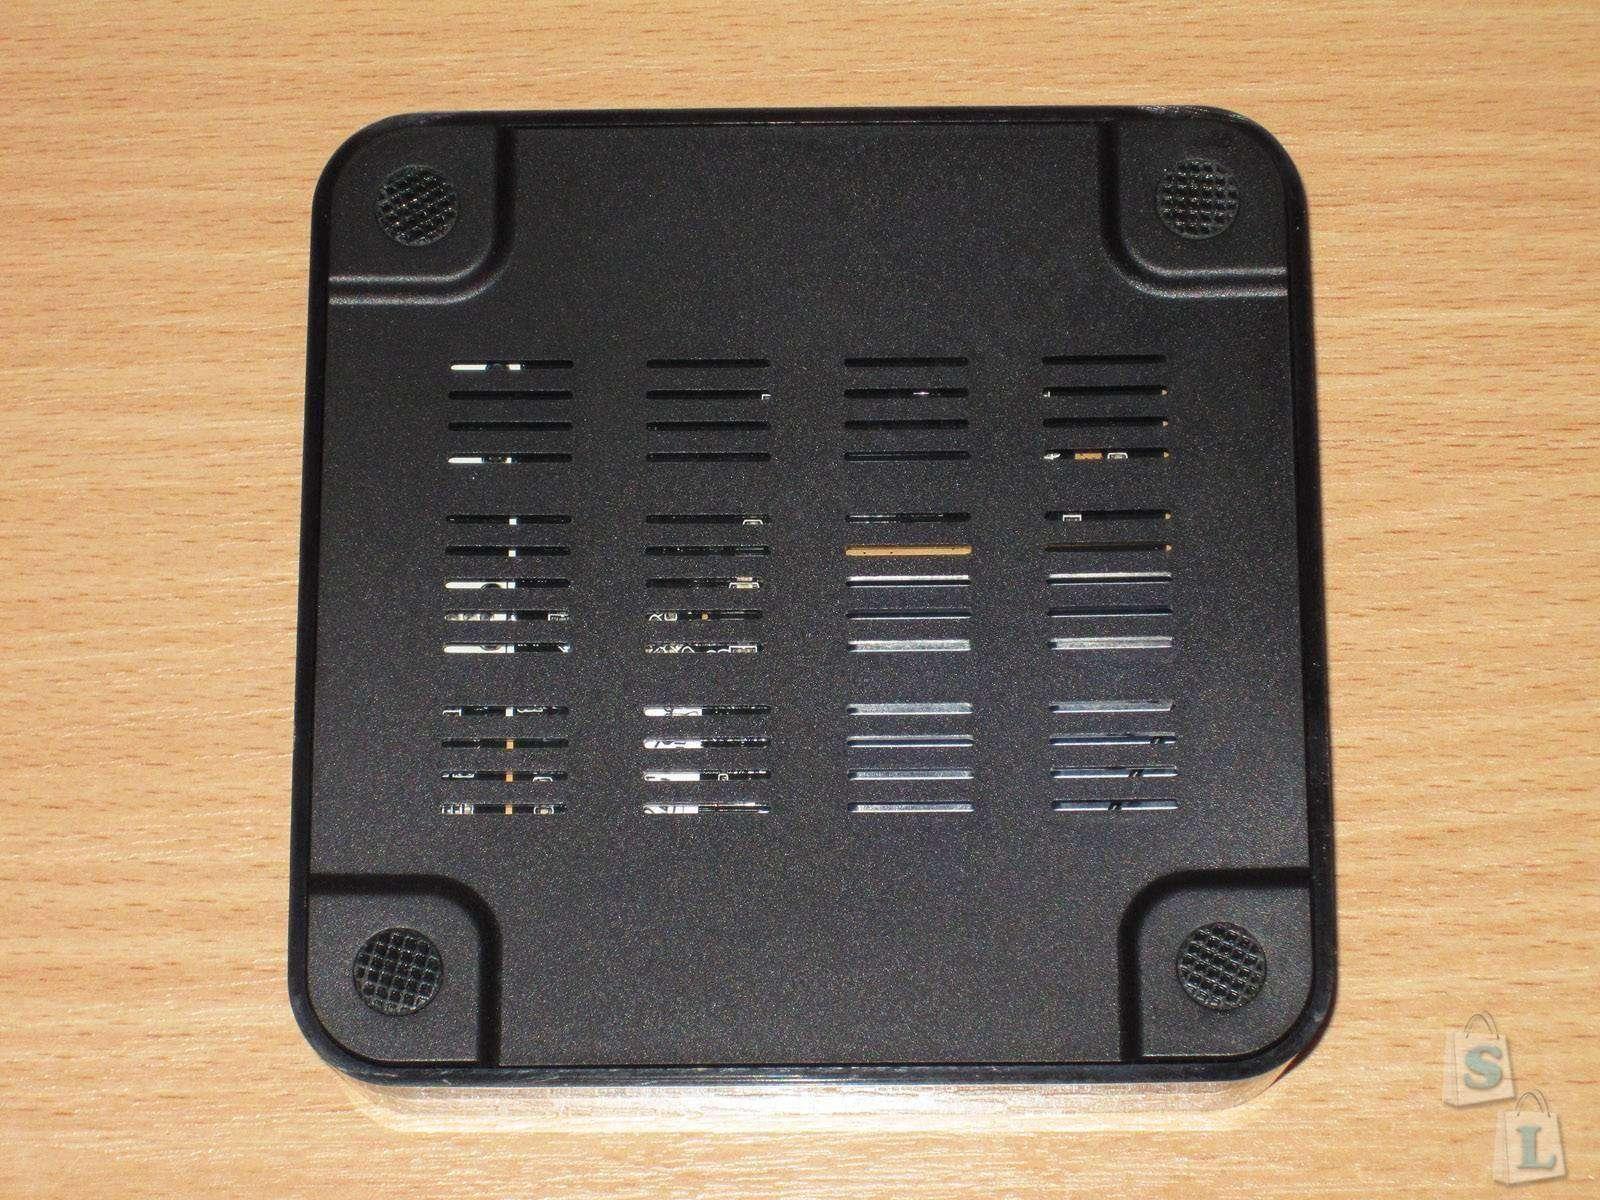 GearBest: MX4, еще один ТВ бокс на уже известном RK3229